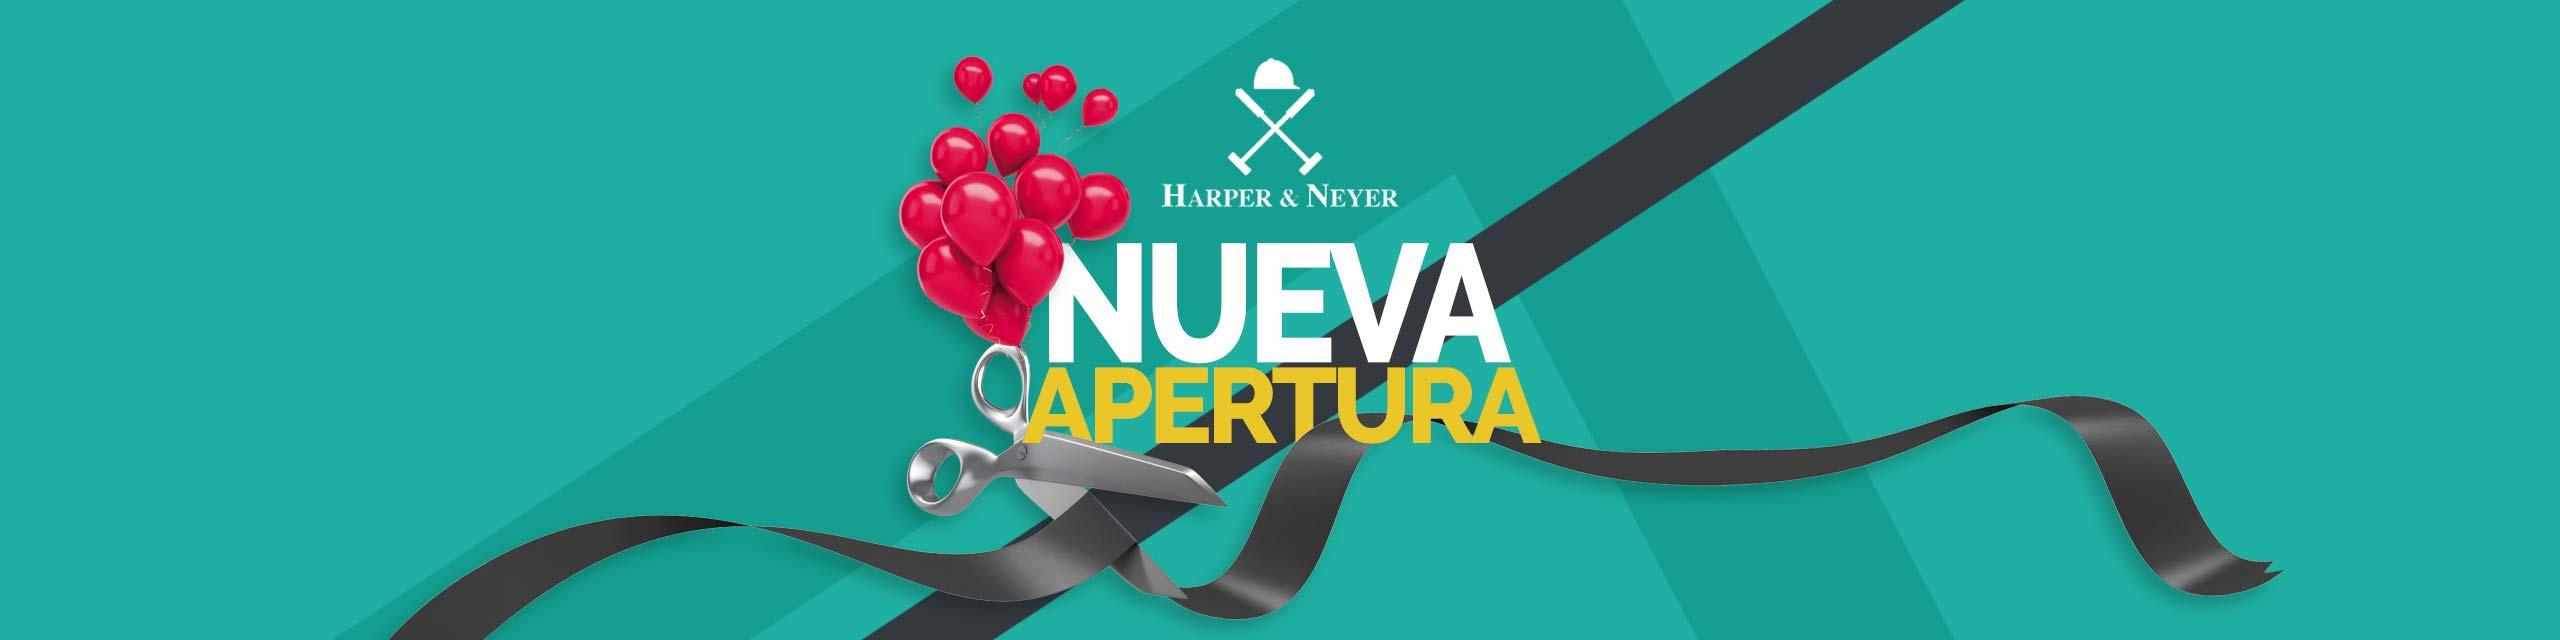 Apertura Harper & Neyer - Málaga Factory